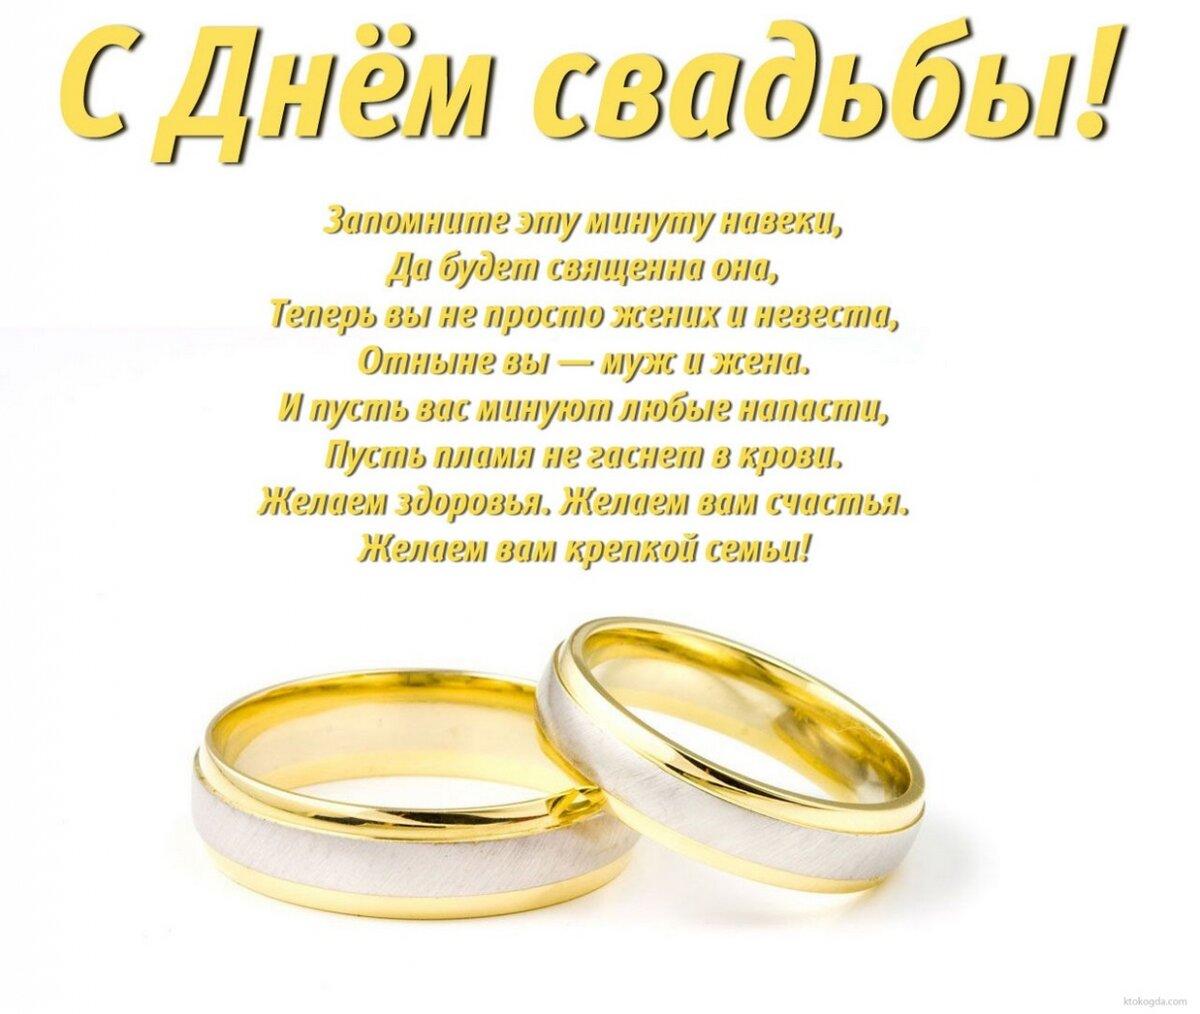 Смешных, открытки законным браком